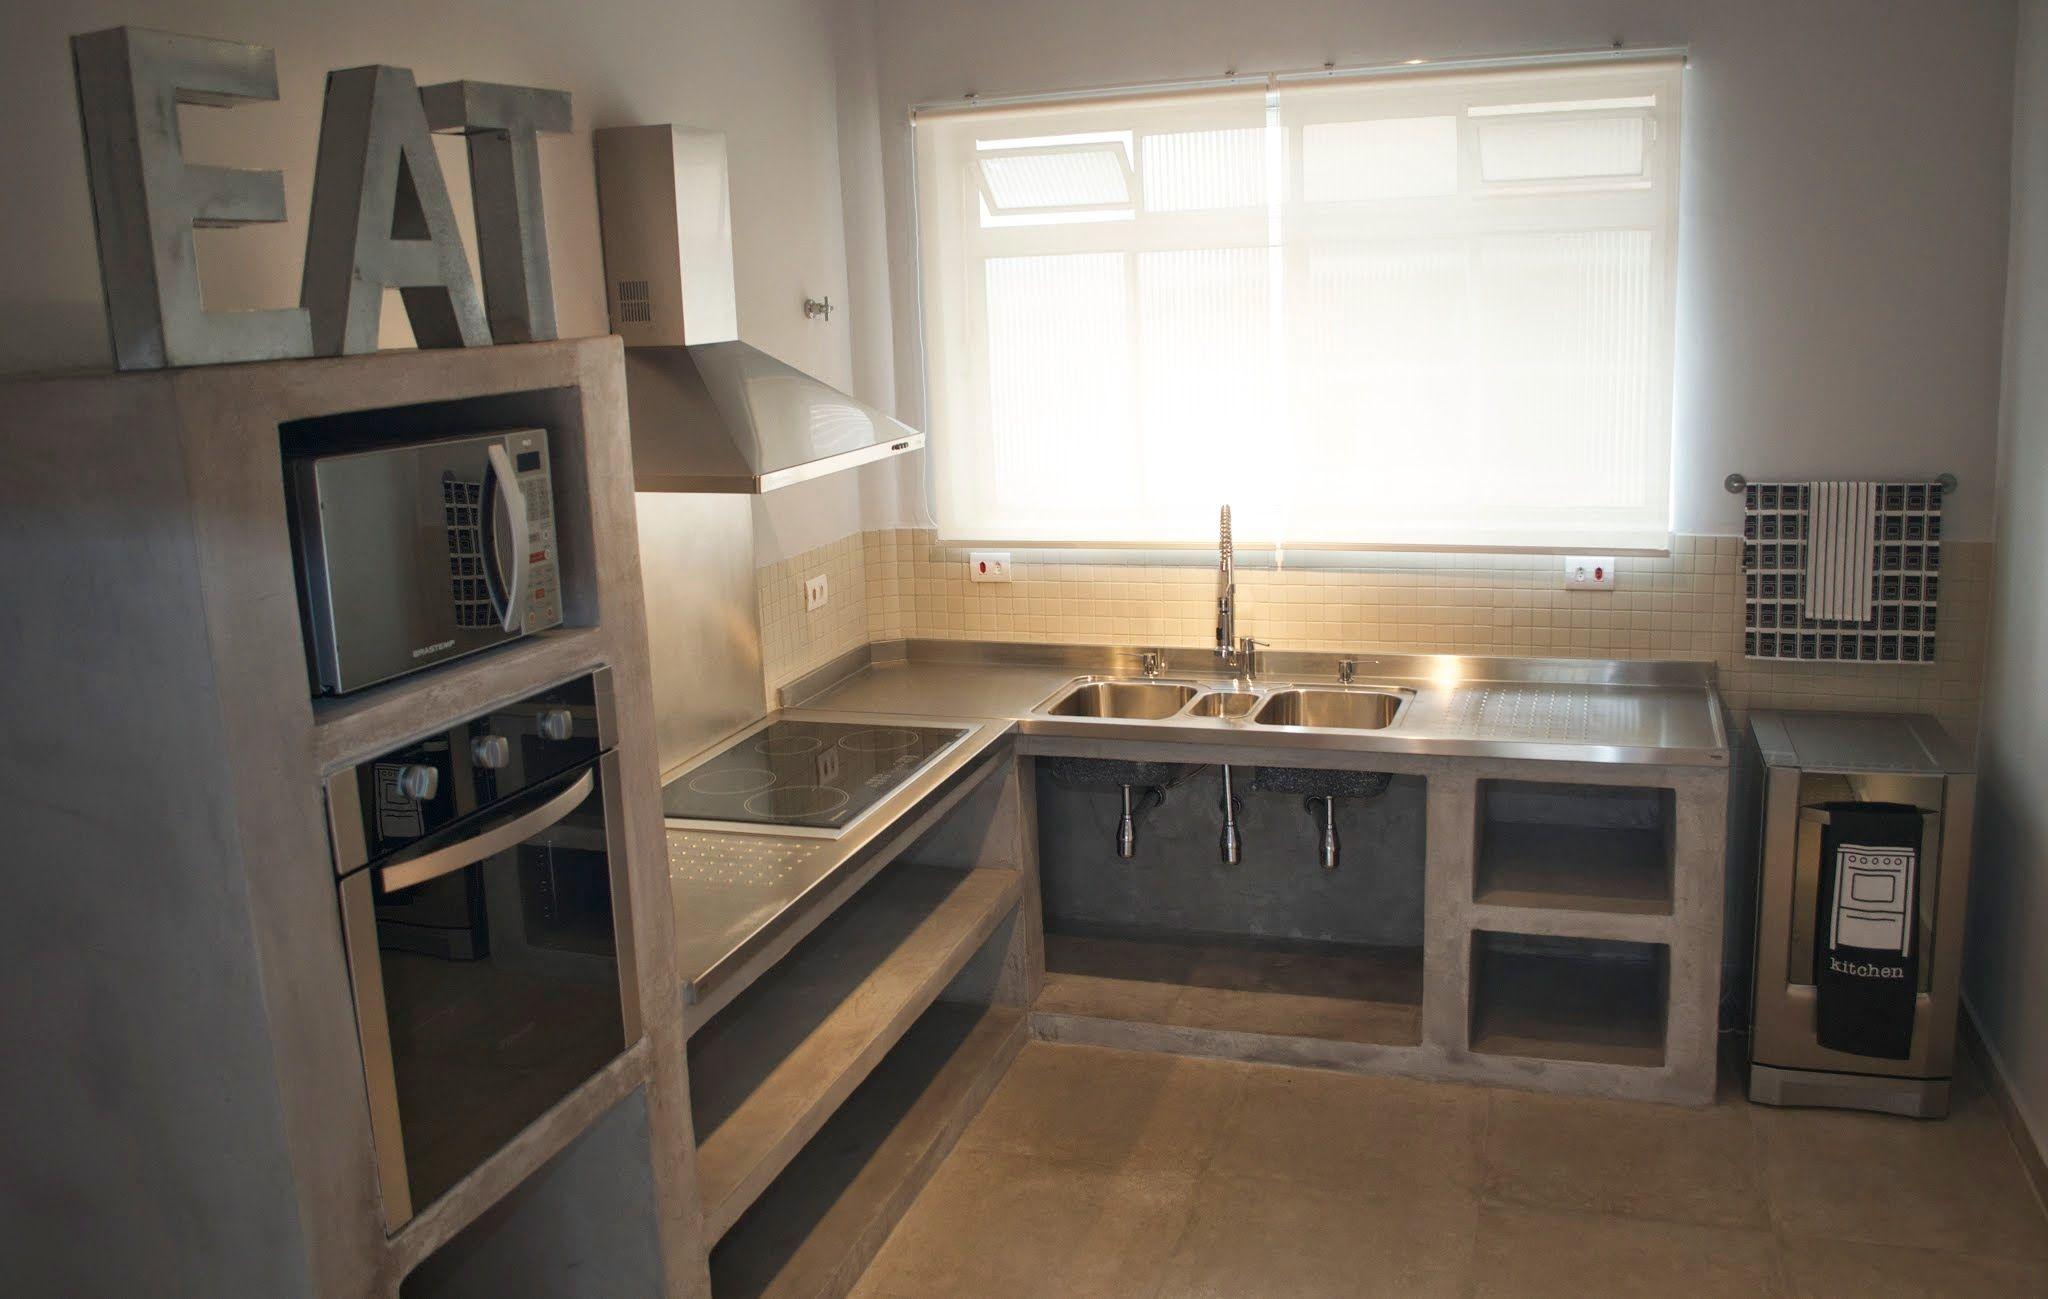 Concreto Aparente Cozinha De Concreto Cozinhas De Alvenaria